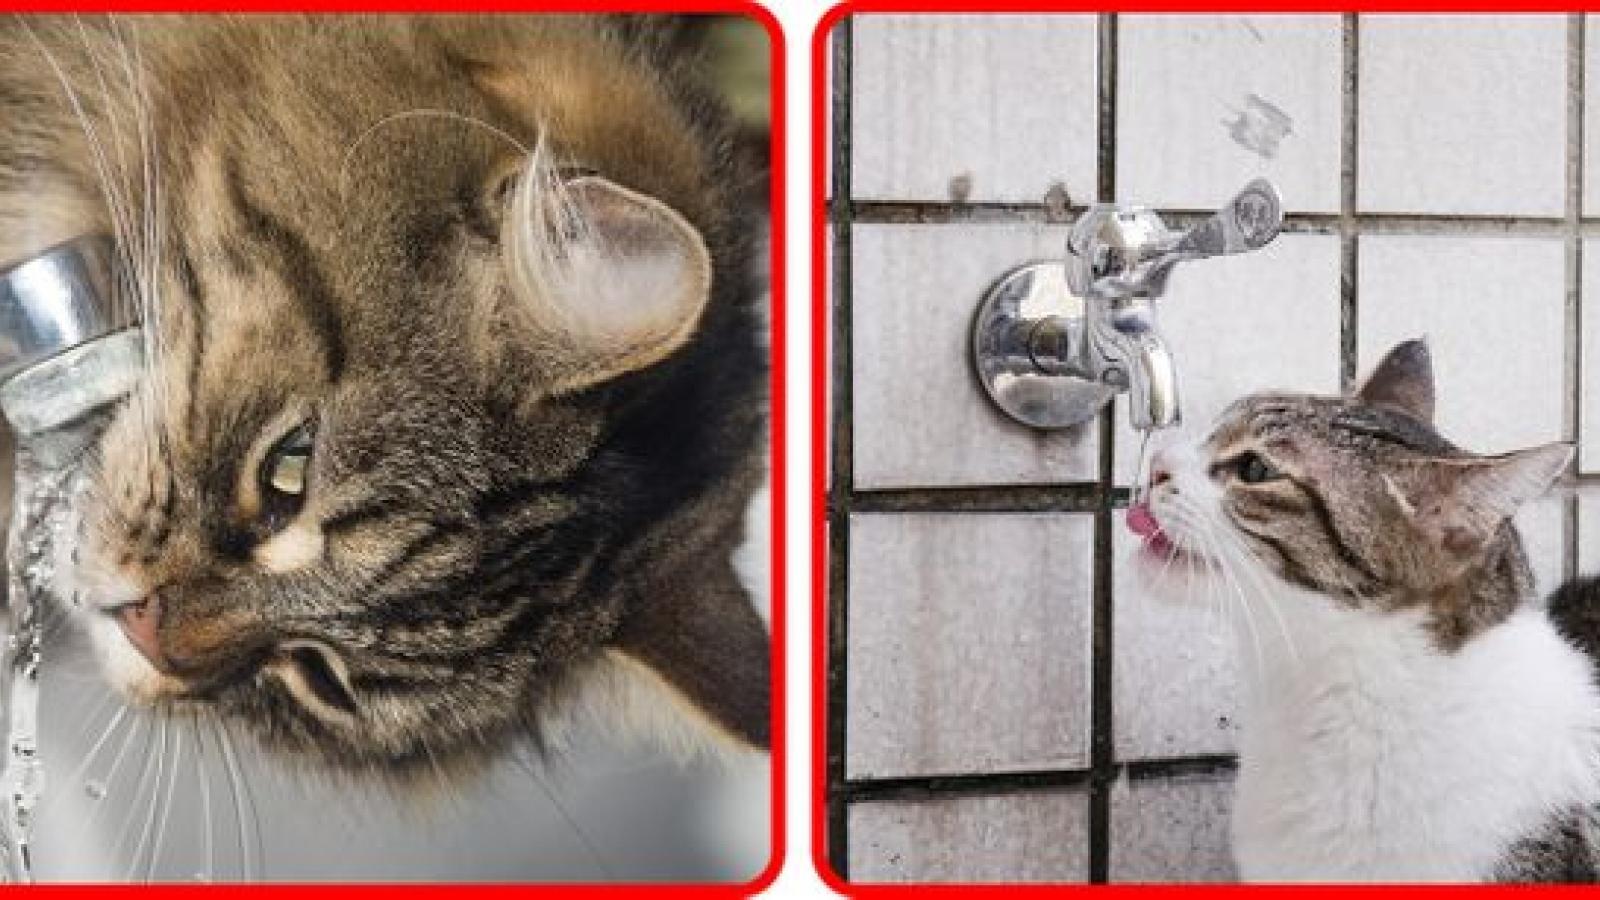 8 thói quen có thể khiến mèo của bạn gặp nguy hiểm